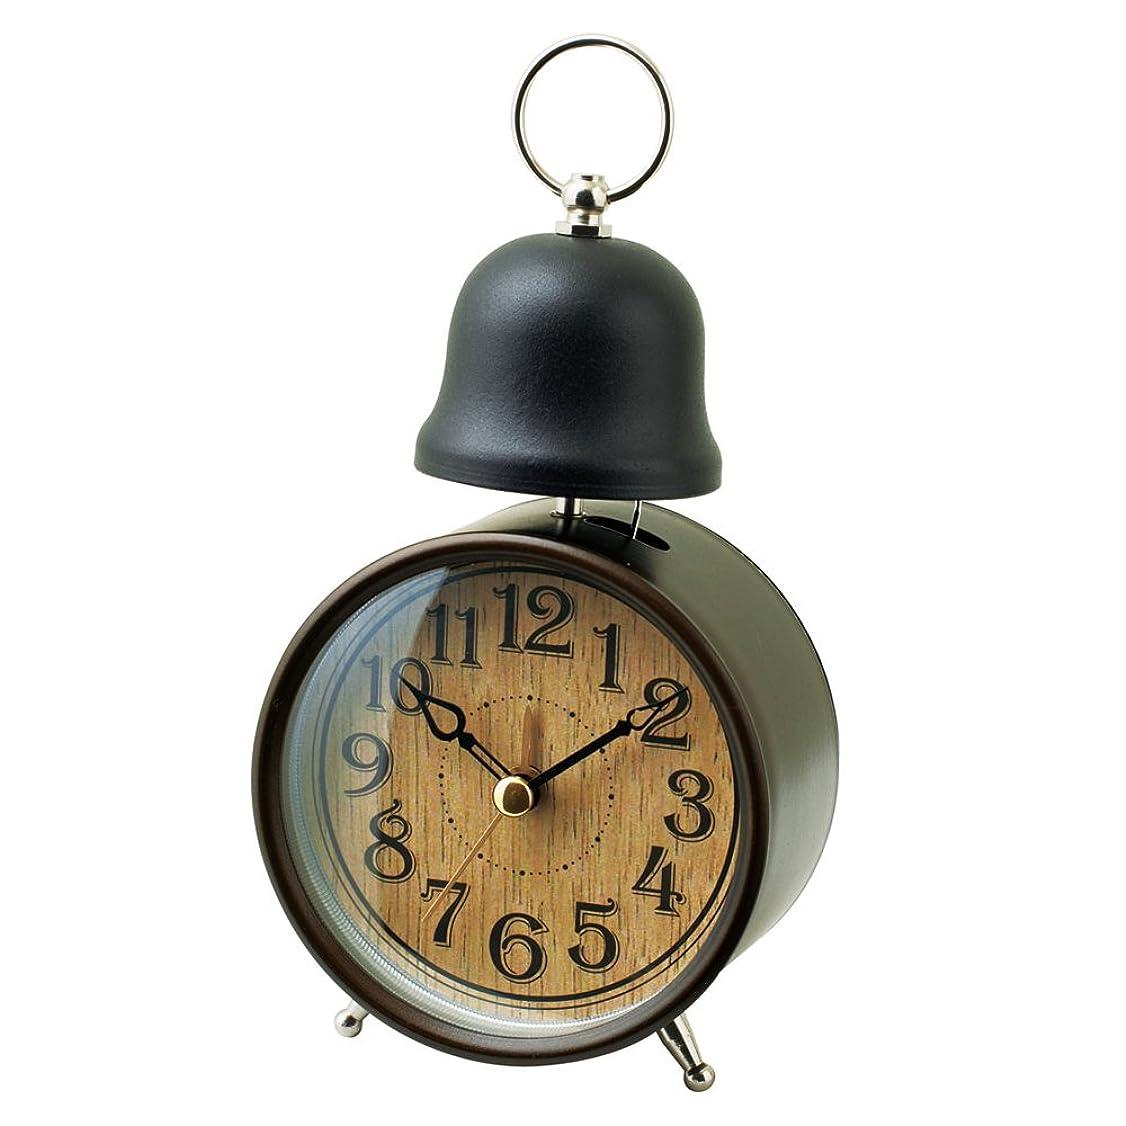 有効化ヘビスチュアート島インターフォルム(INTERFORM INC.) 置時計 MARC - マルク - GD ゴールド CL-7995GD